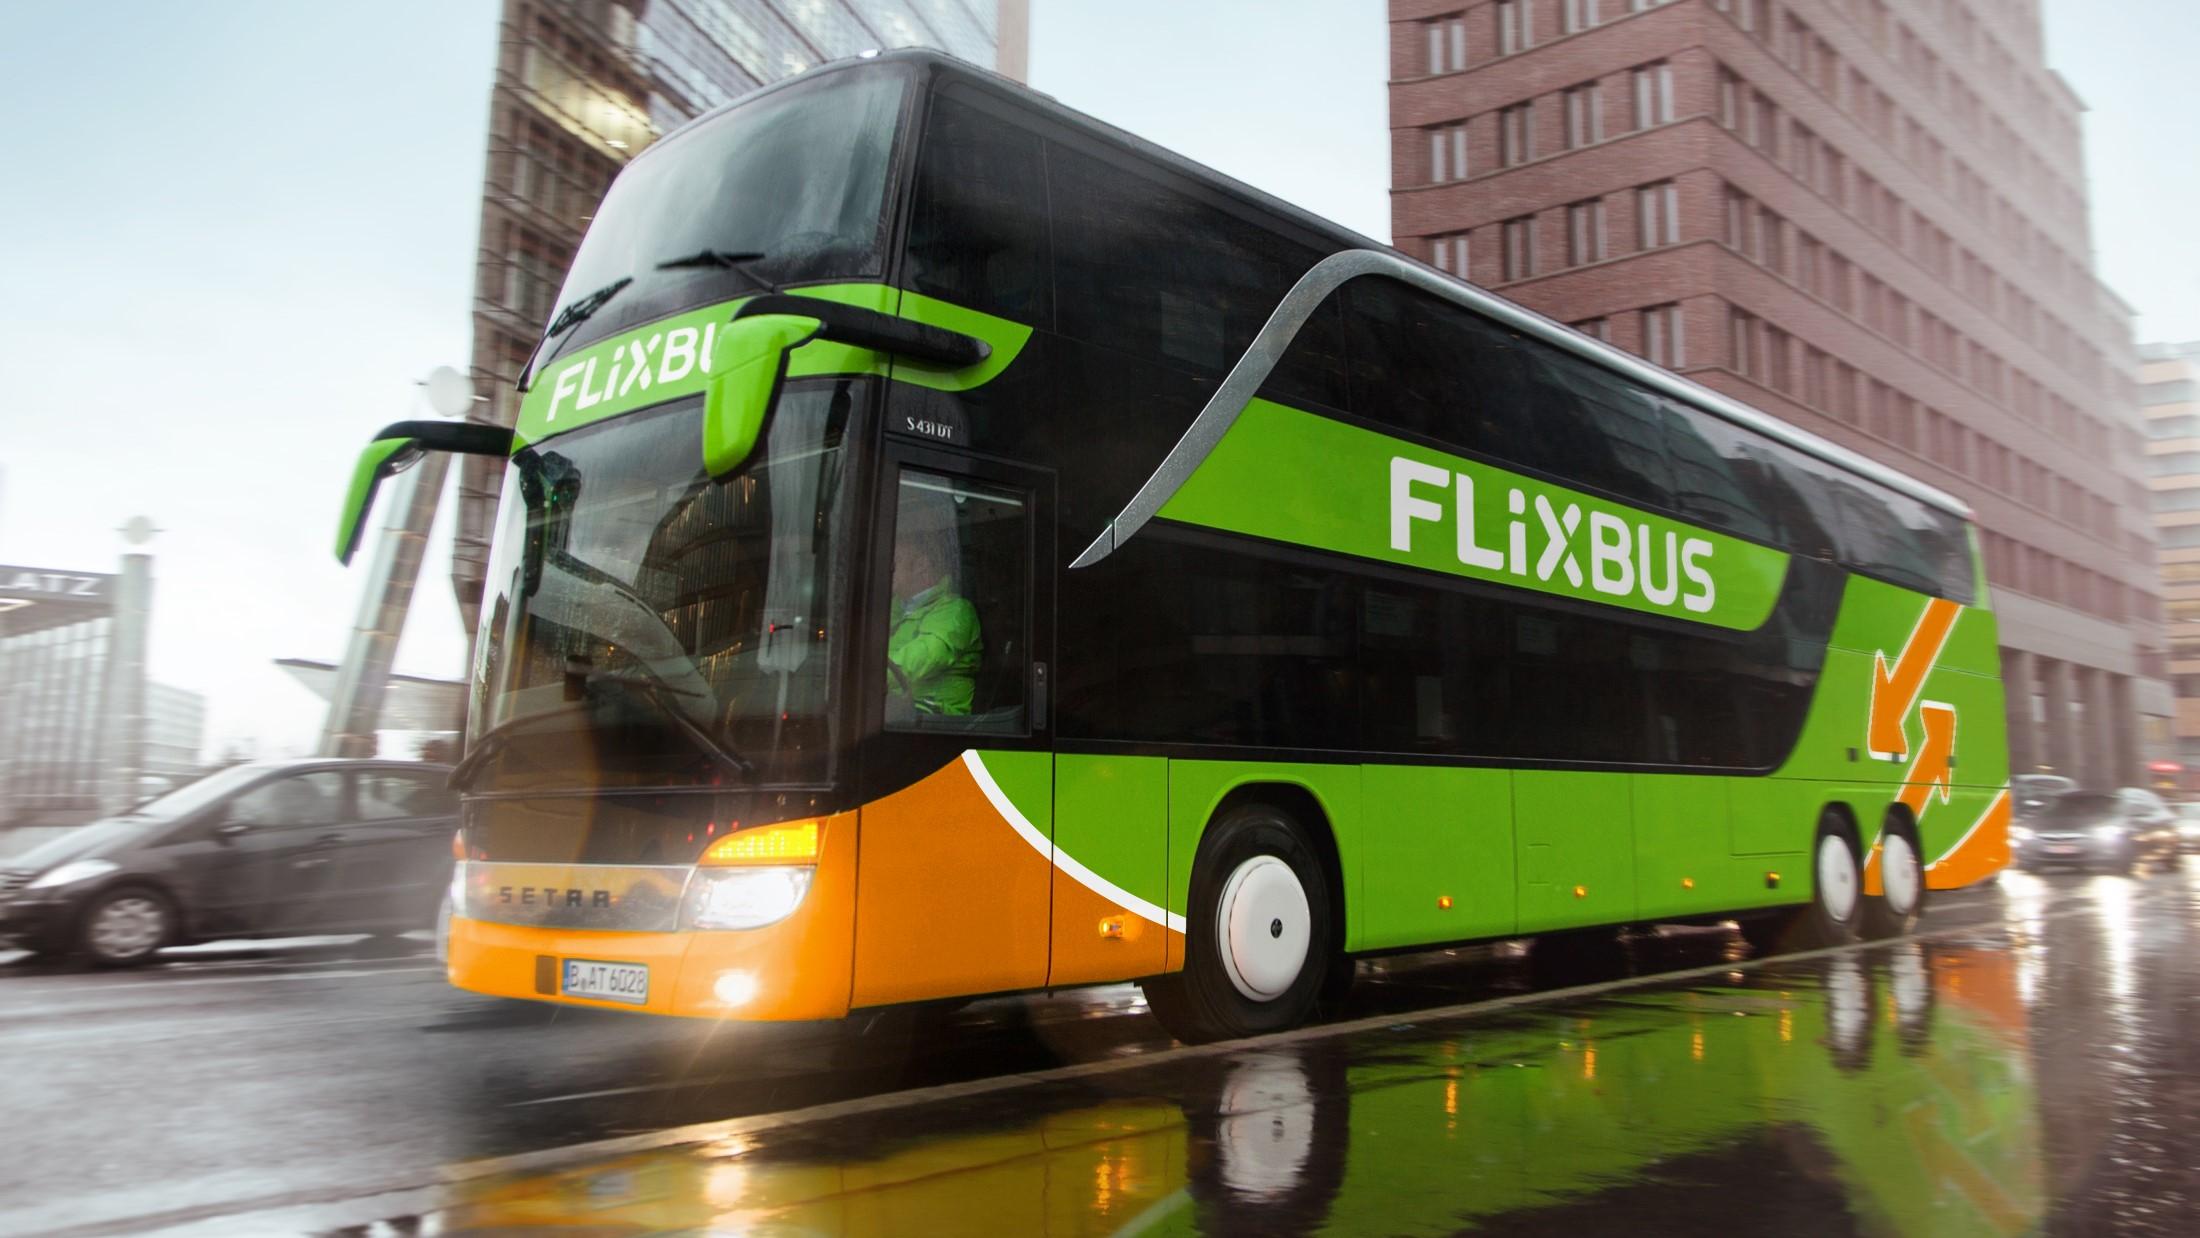 Flixbus muss sich auf neue Konkurrenz im Rückspiegel einstellen. Foto: Flixbus